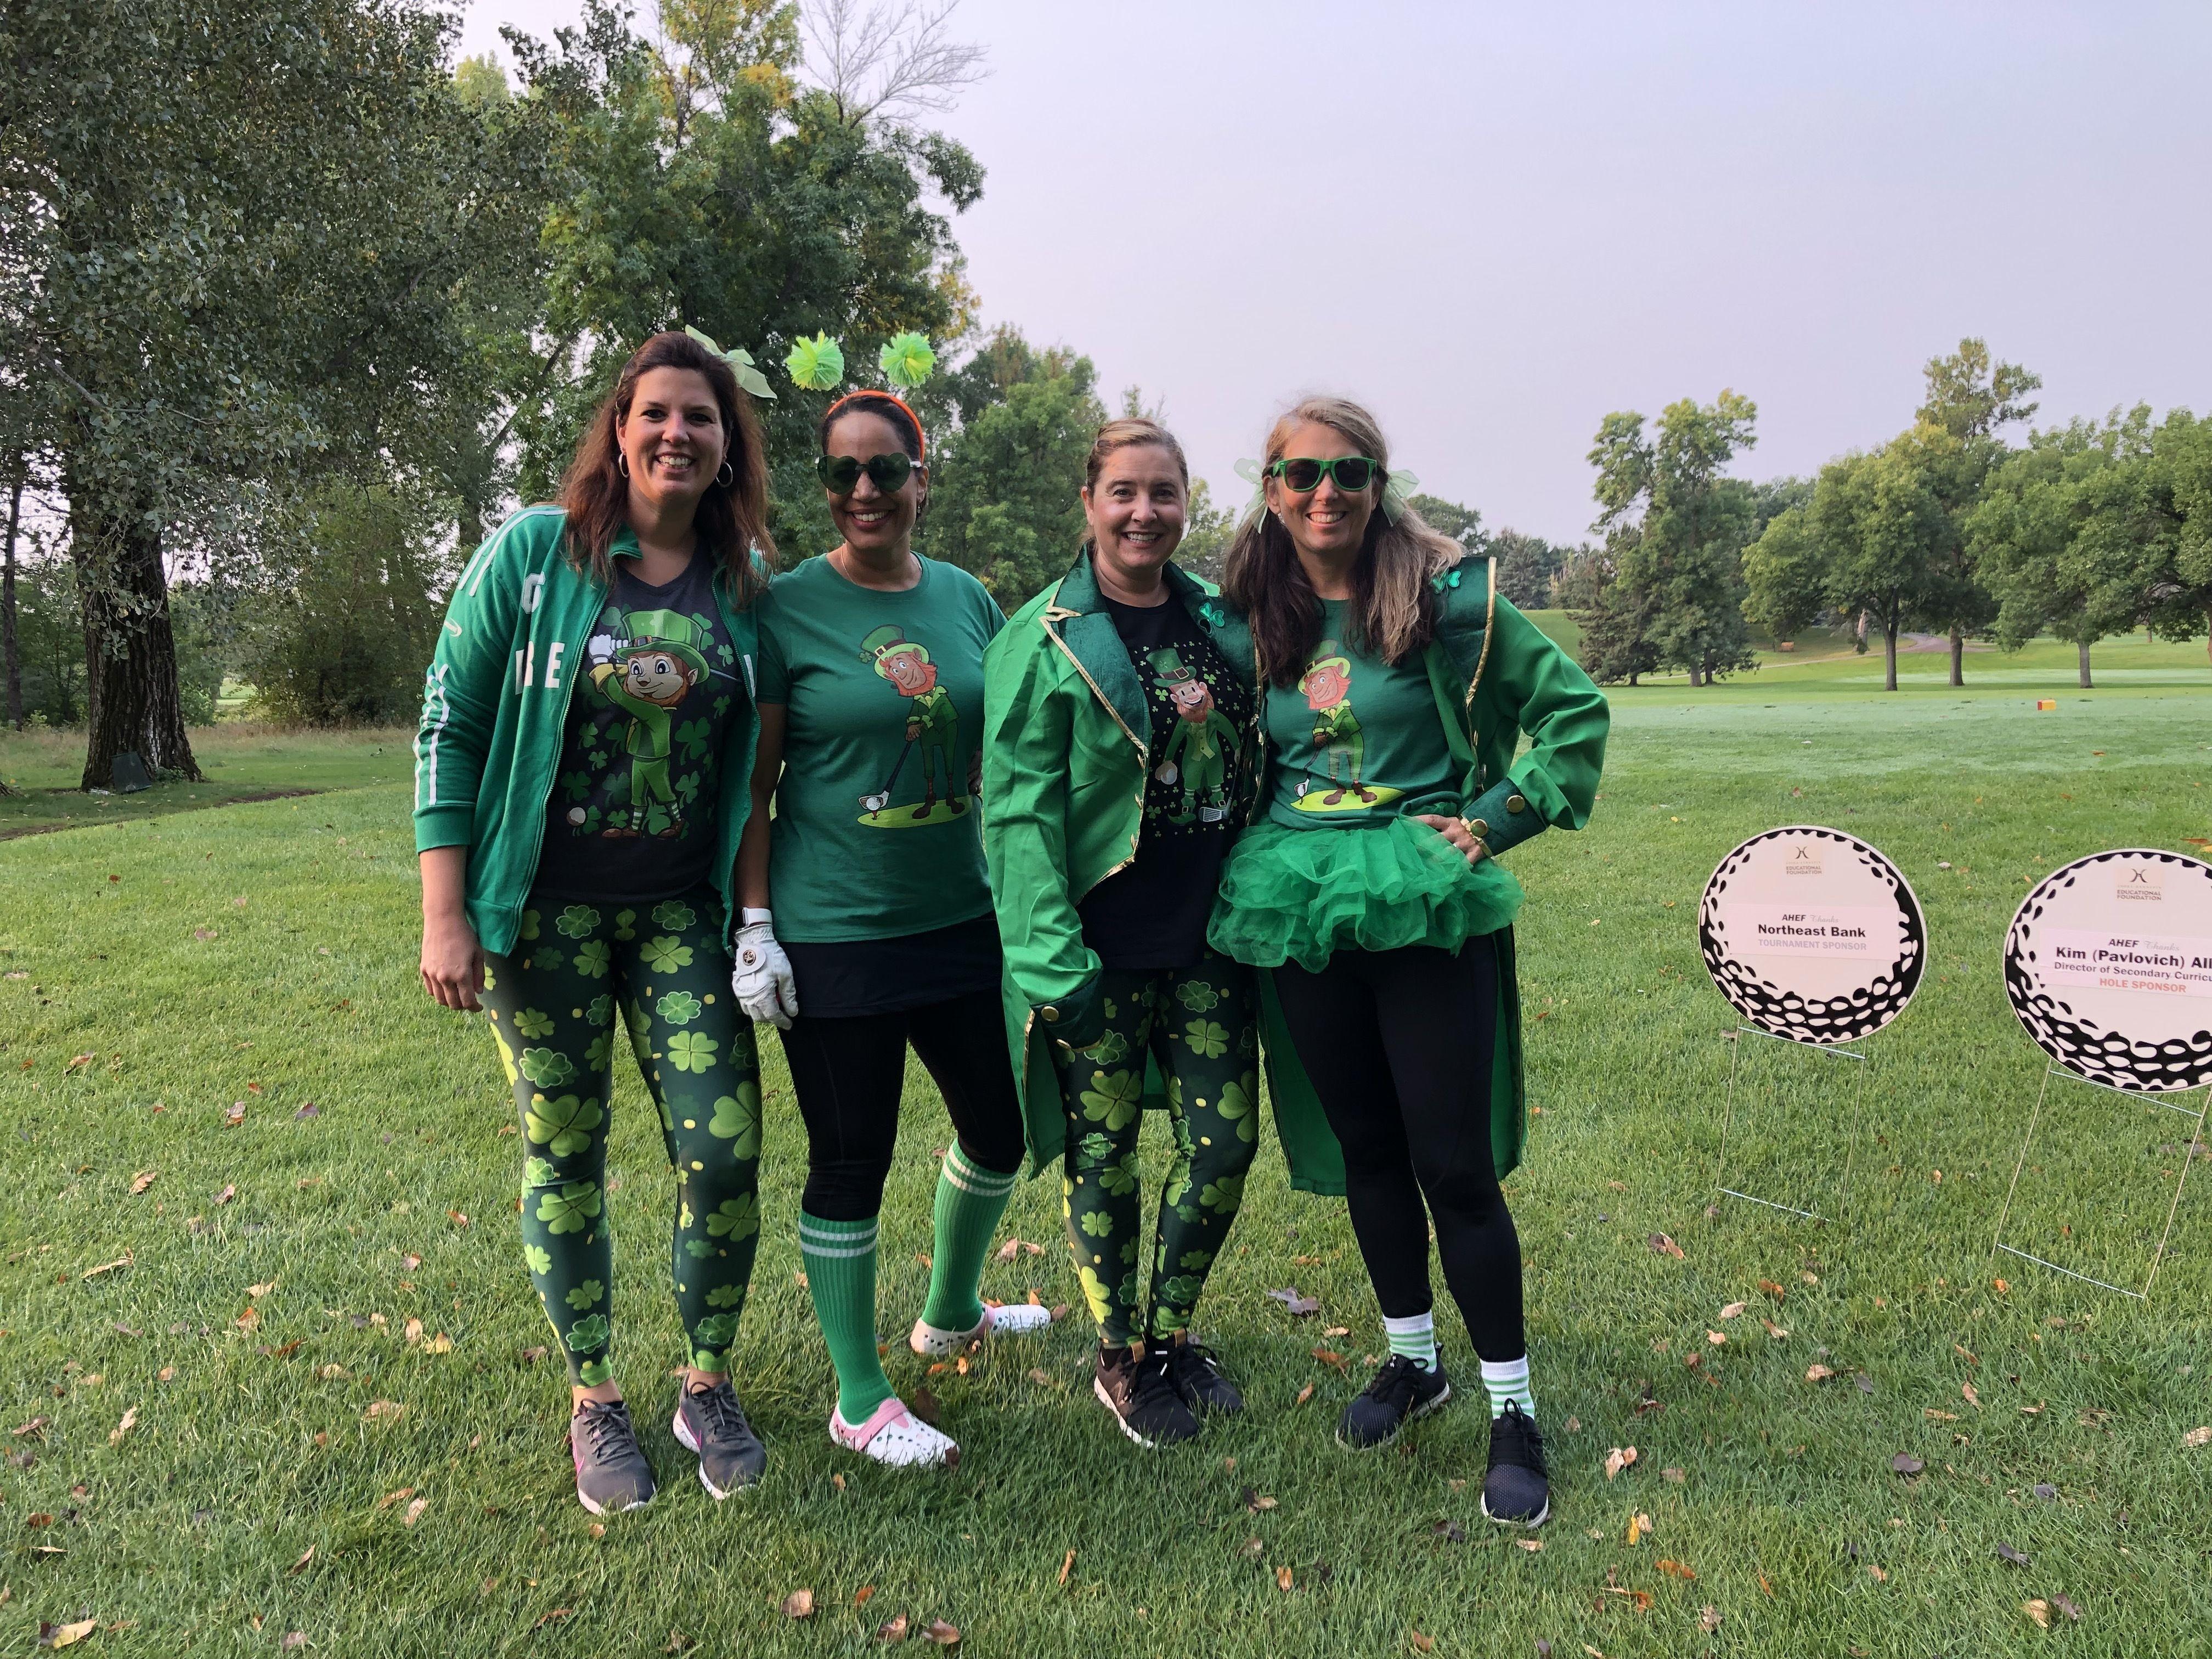 Photo of Team Tamura dressed in Irish costumes with Irish shirts, shamrock leggings, top coats, and tutus.